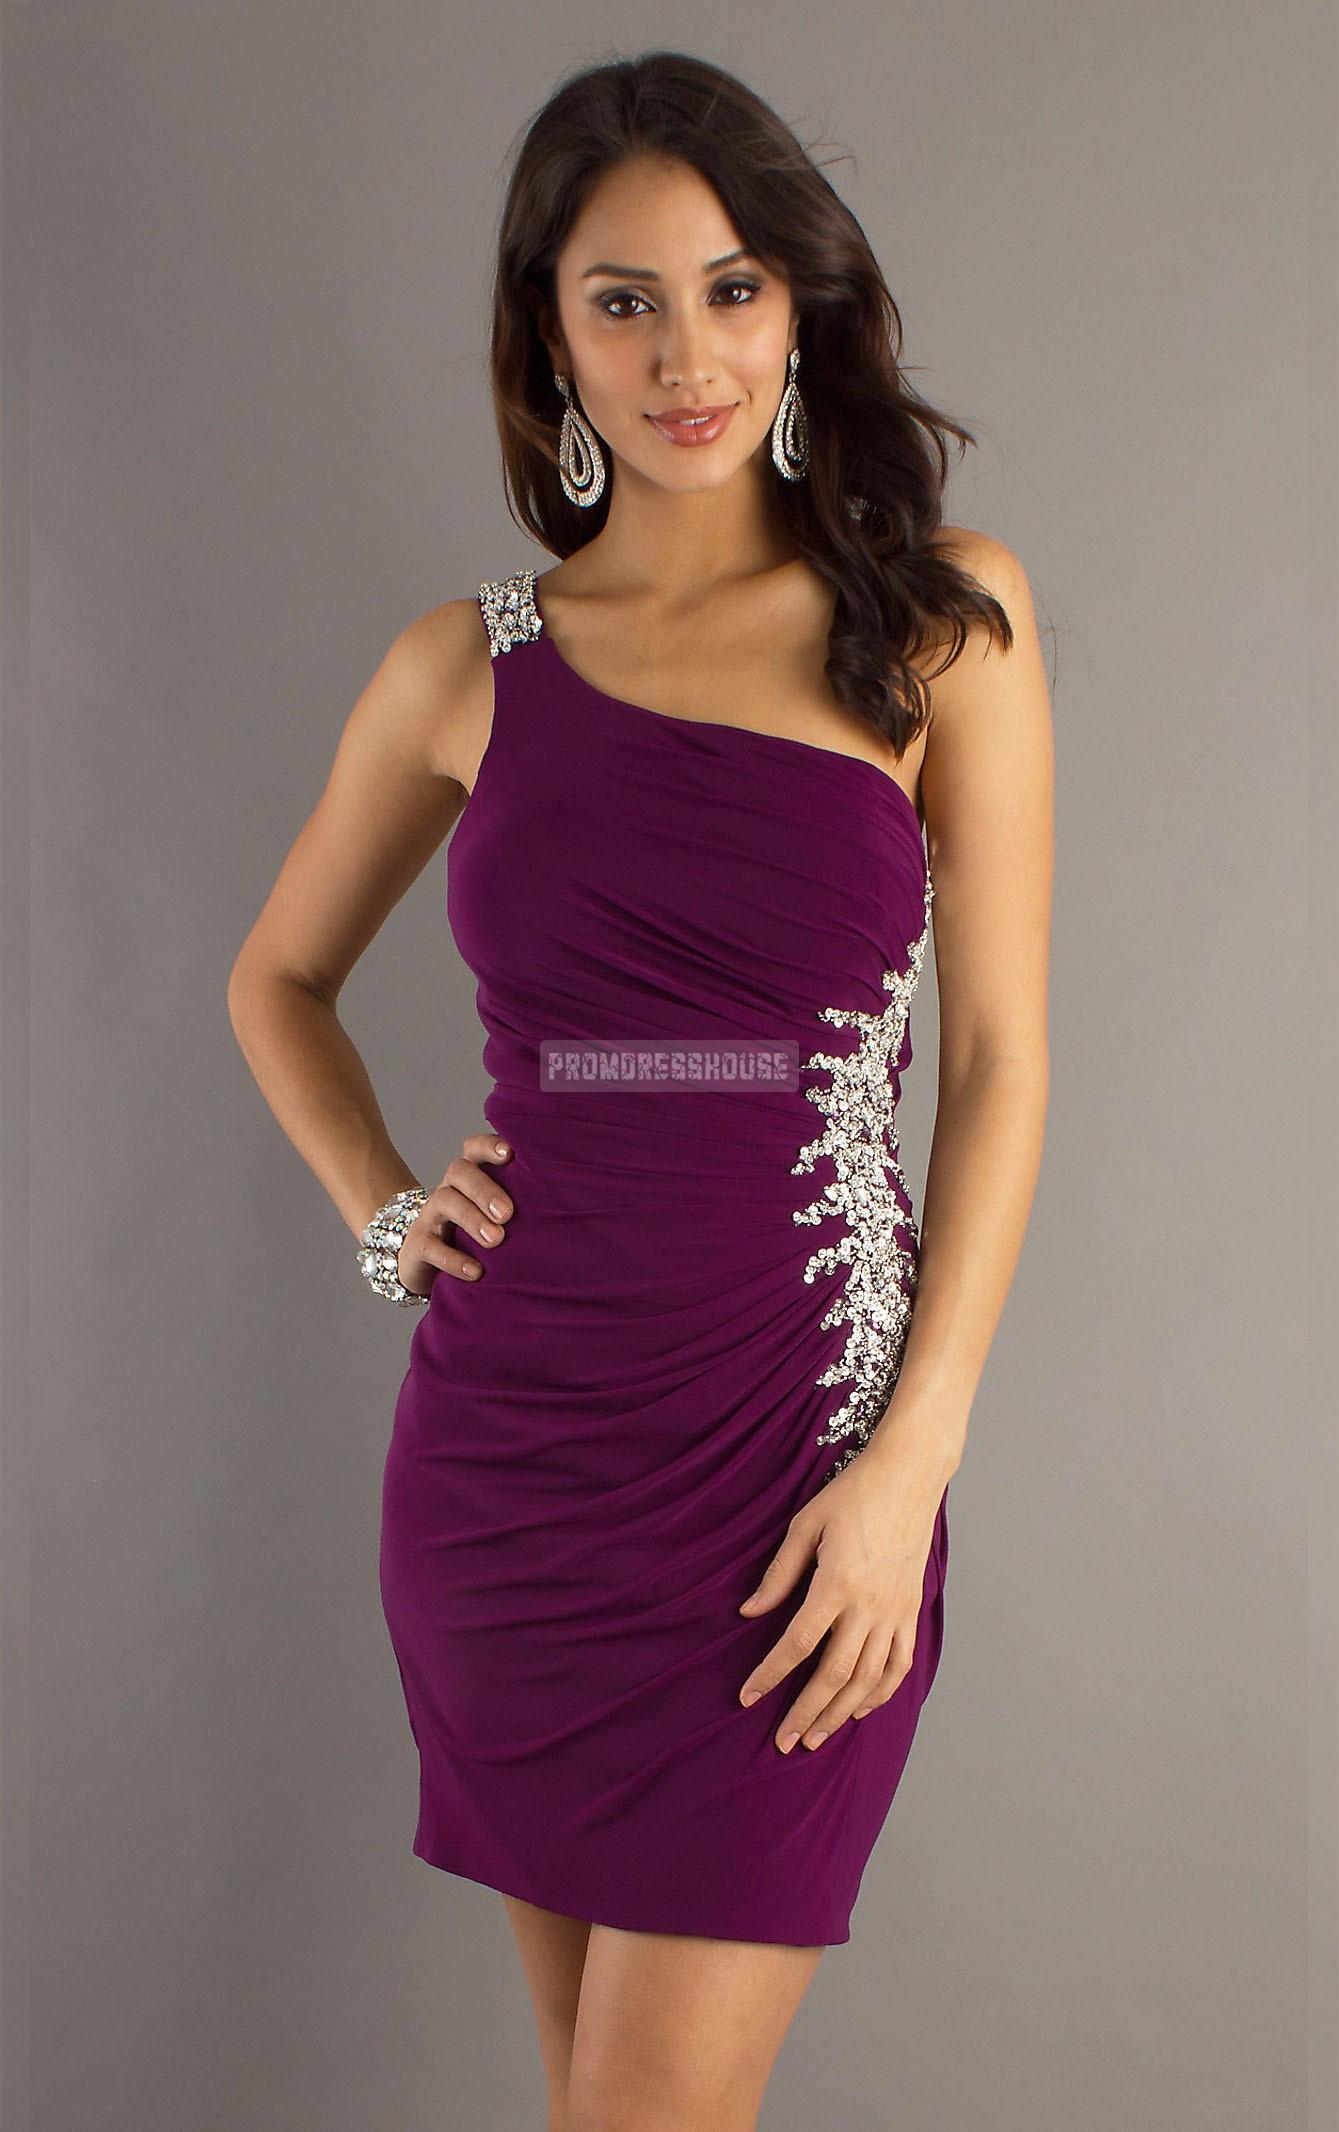 Column Chiffon Grape Beading Applique Short Length Prom Dress - Promdresshouse.com